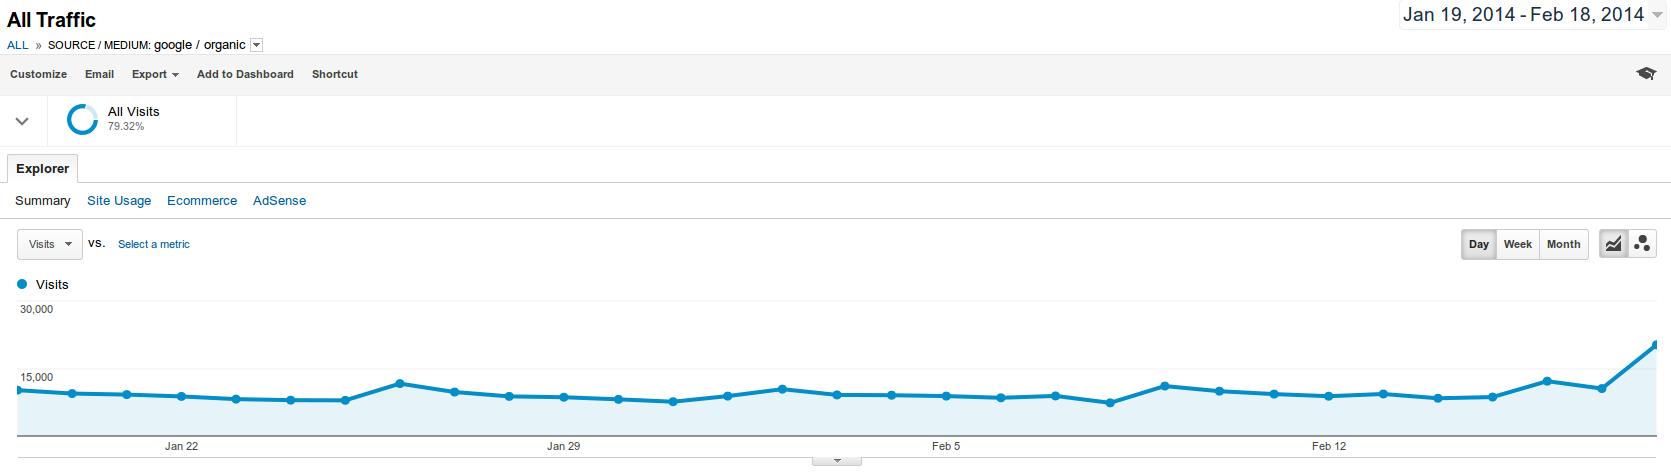 google-update-2014-02-webseite-4